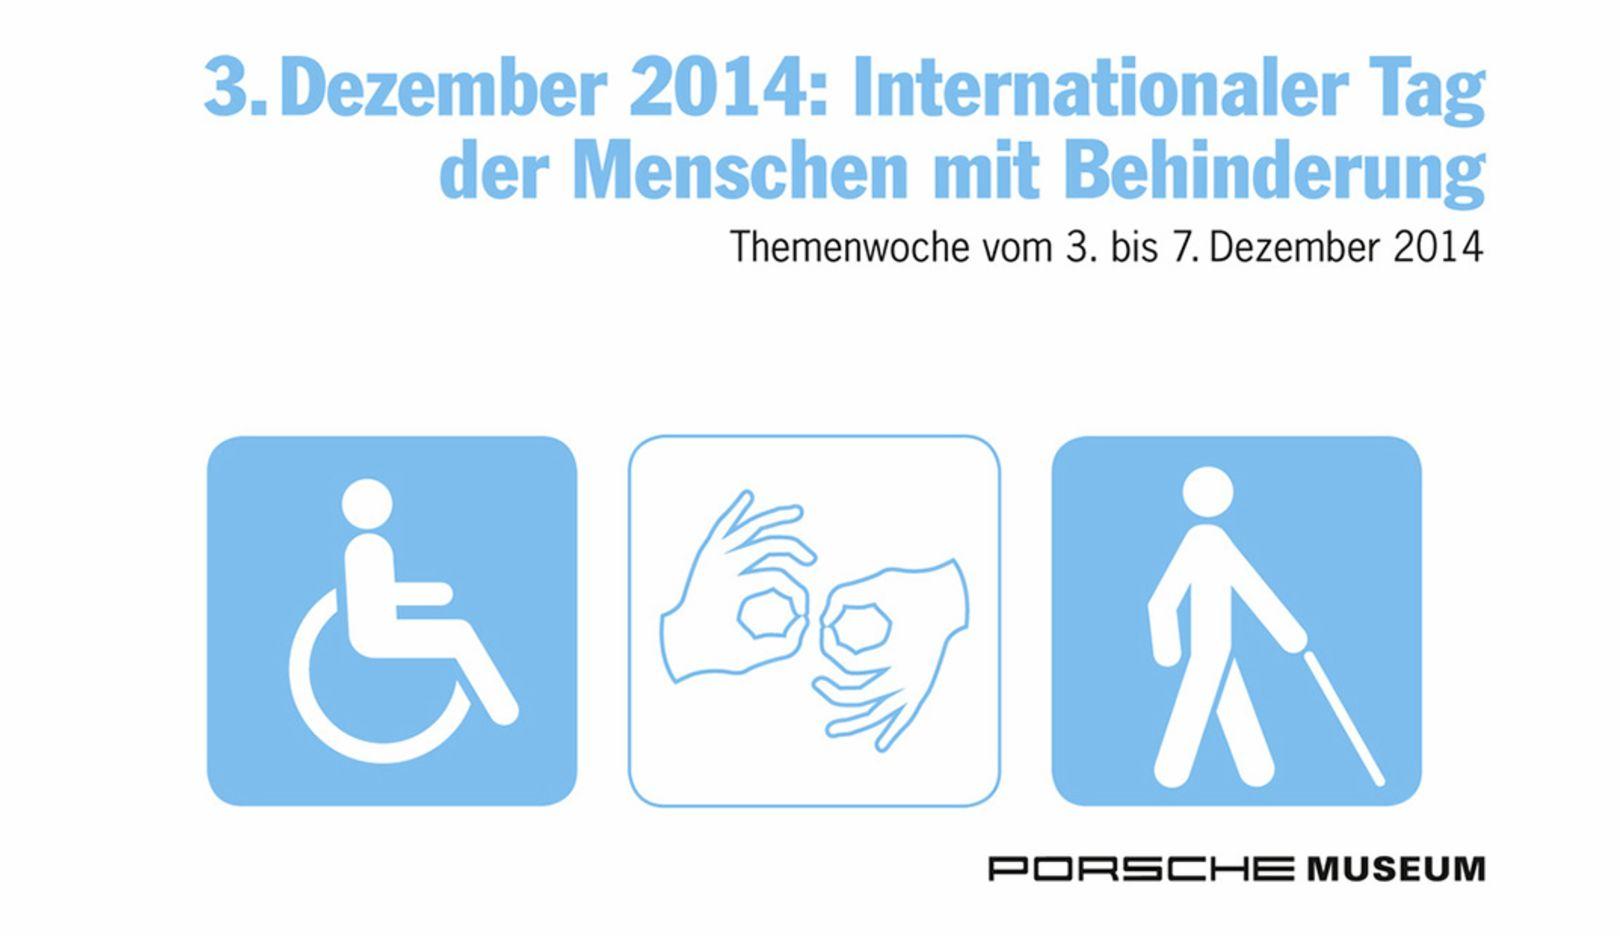 Internationaler Tags der Menschen mit Behinderung, Porsche-Museum, 2014, Porsche AG